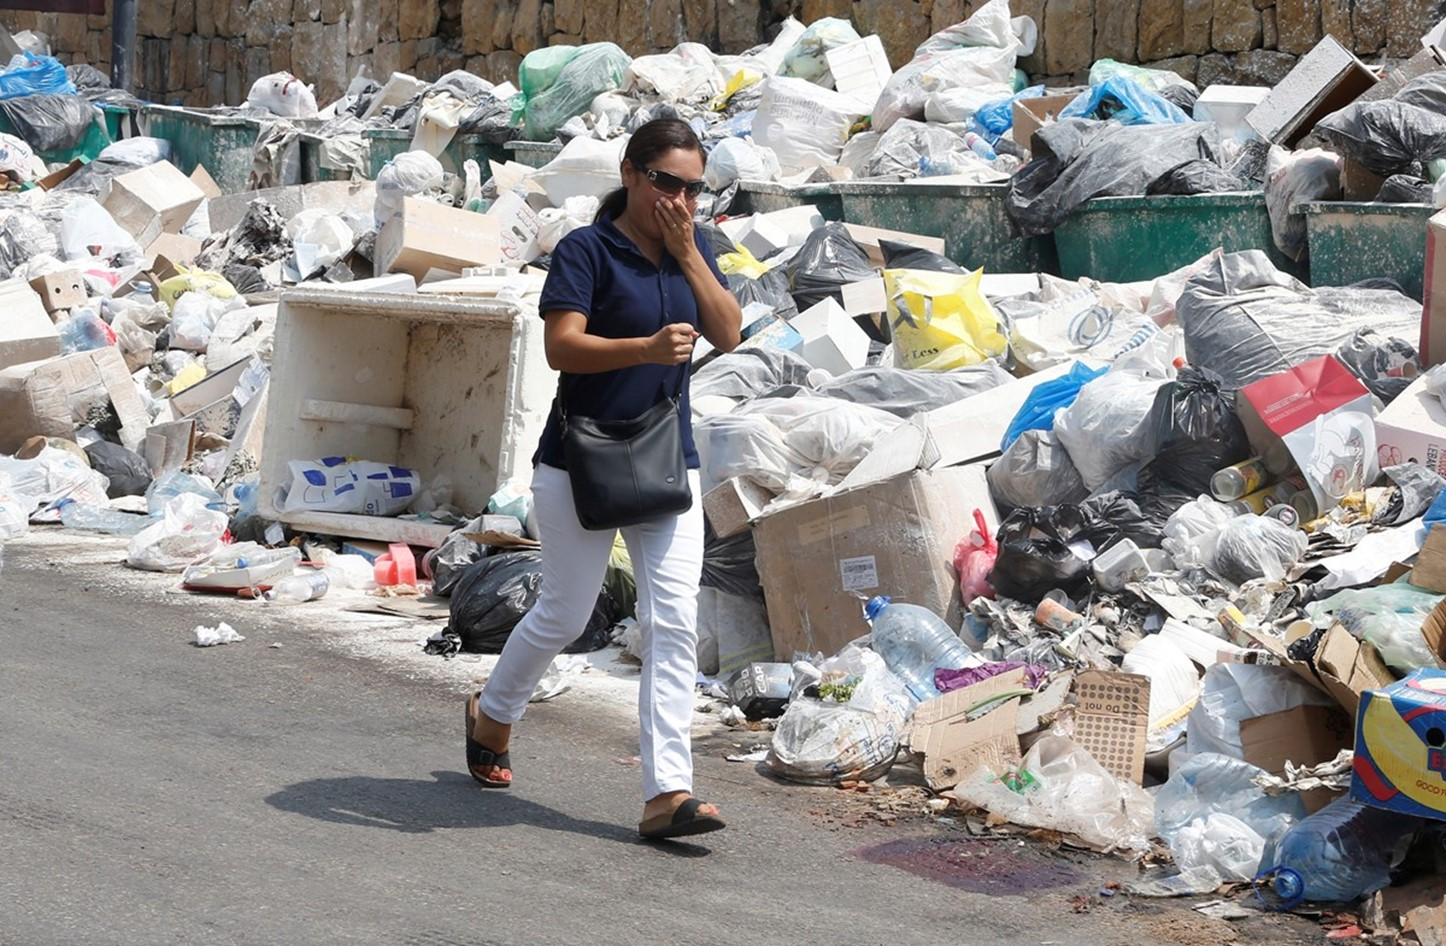 تكدس الشوارع بالقمامة